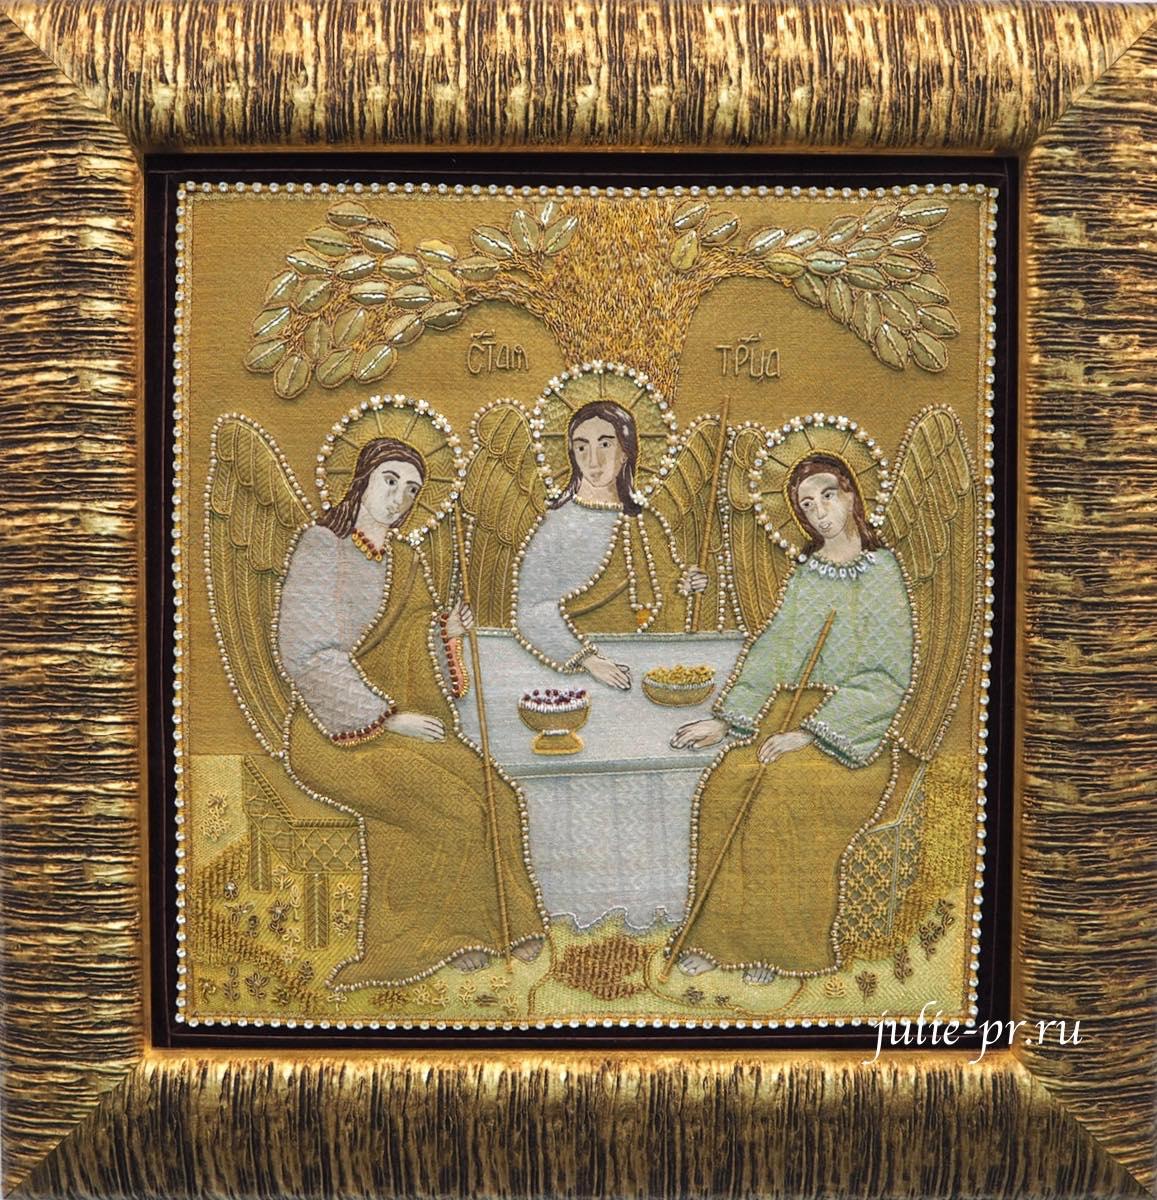 Всероссийская выставка вышивки, вышивка, икона Троица, золотное шитье